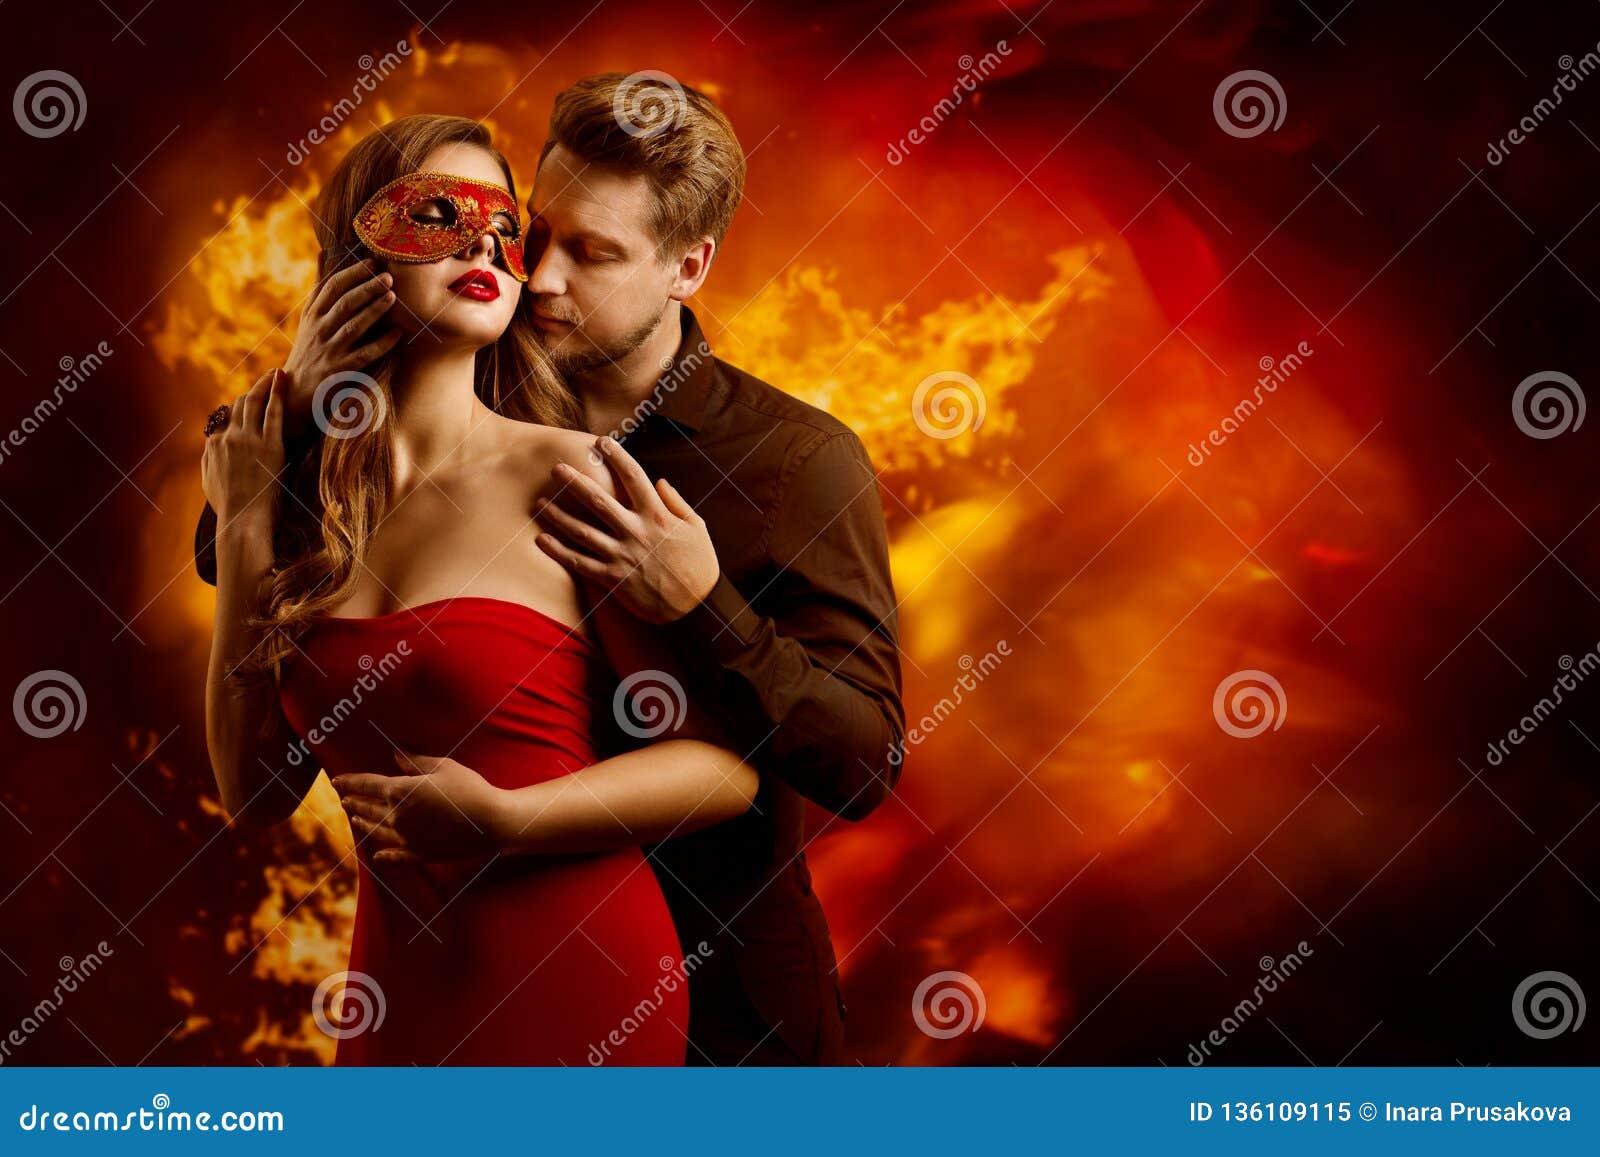 Поцелуй пар горячий пламенеющий, человек в любов целуя женщину в маске фантазии красной сексуальной